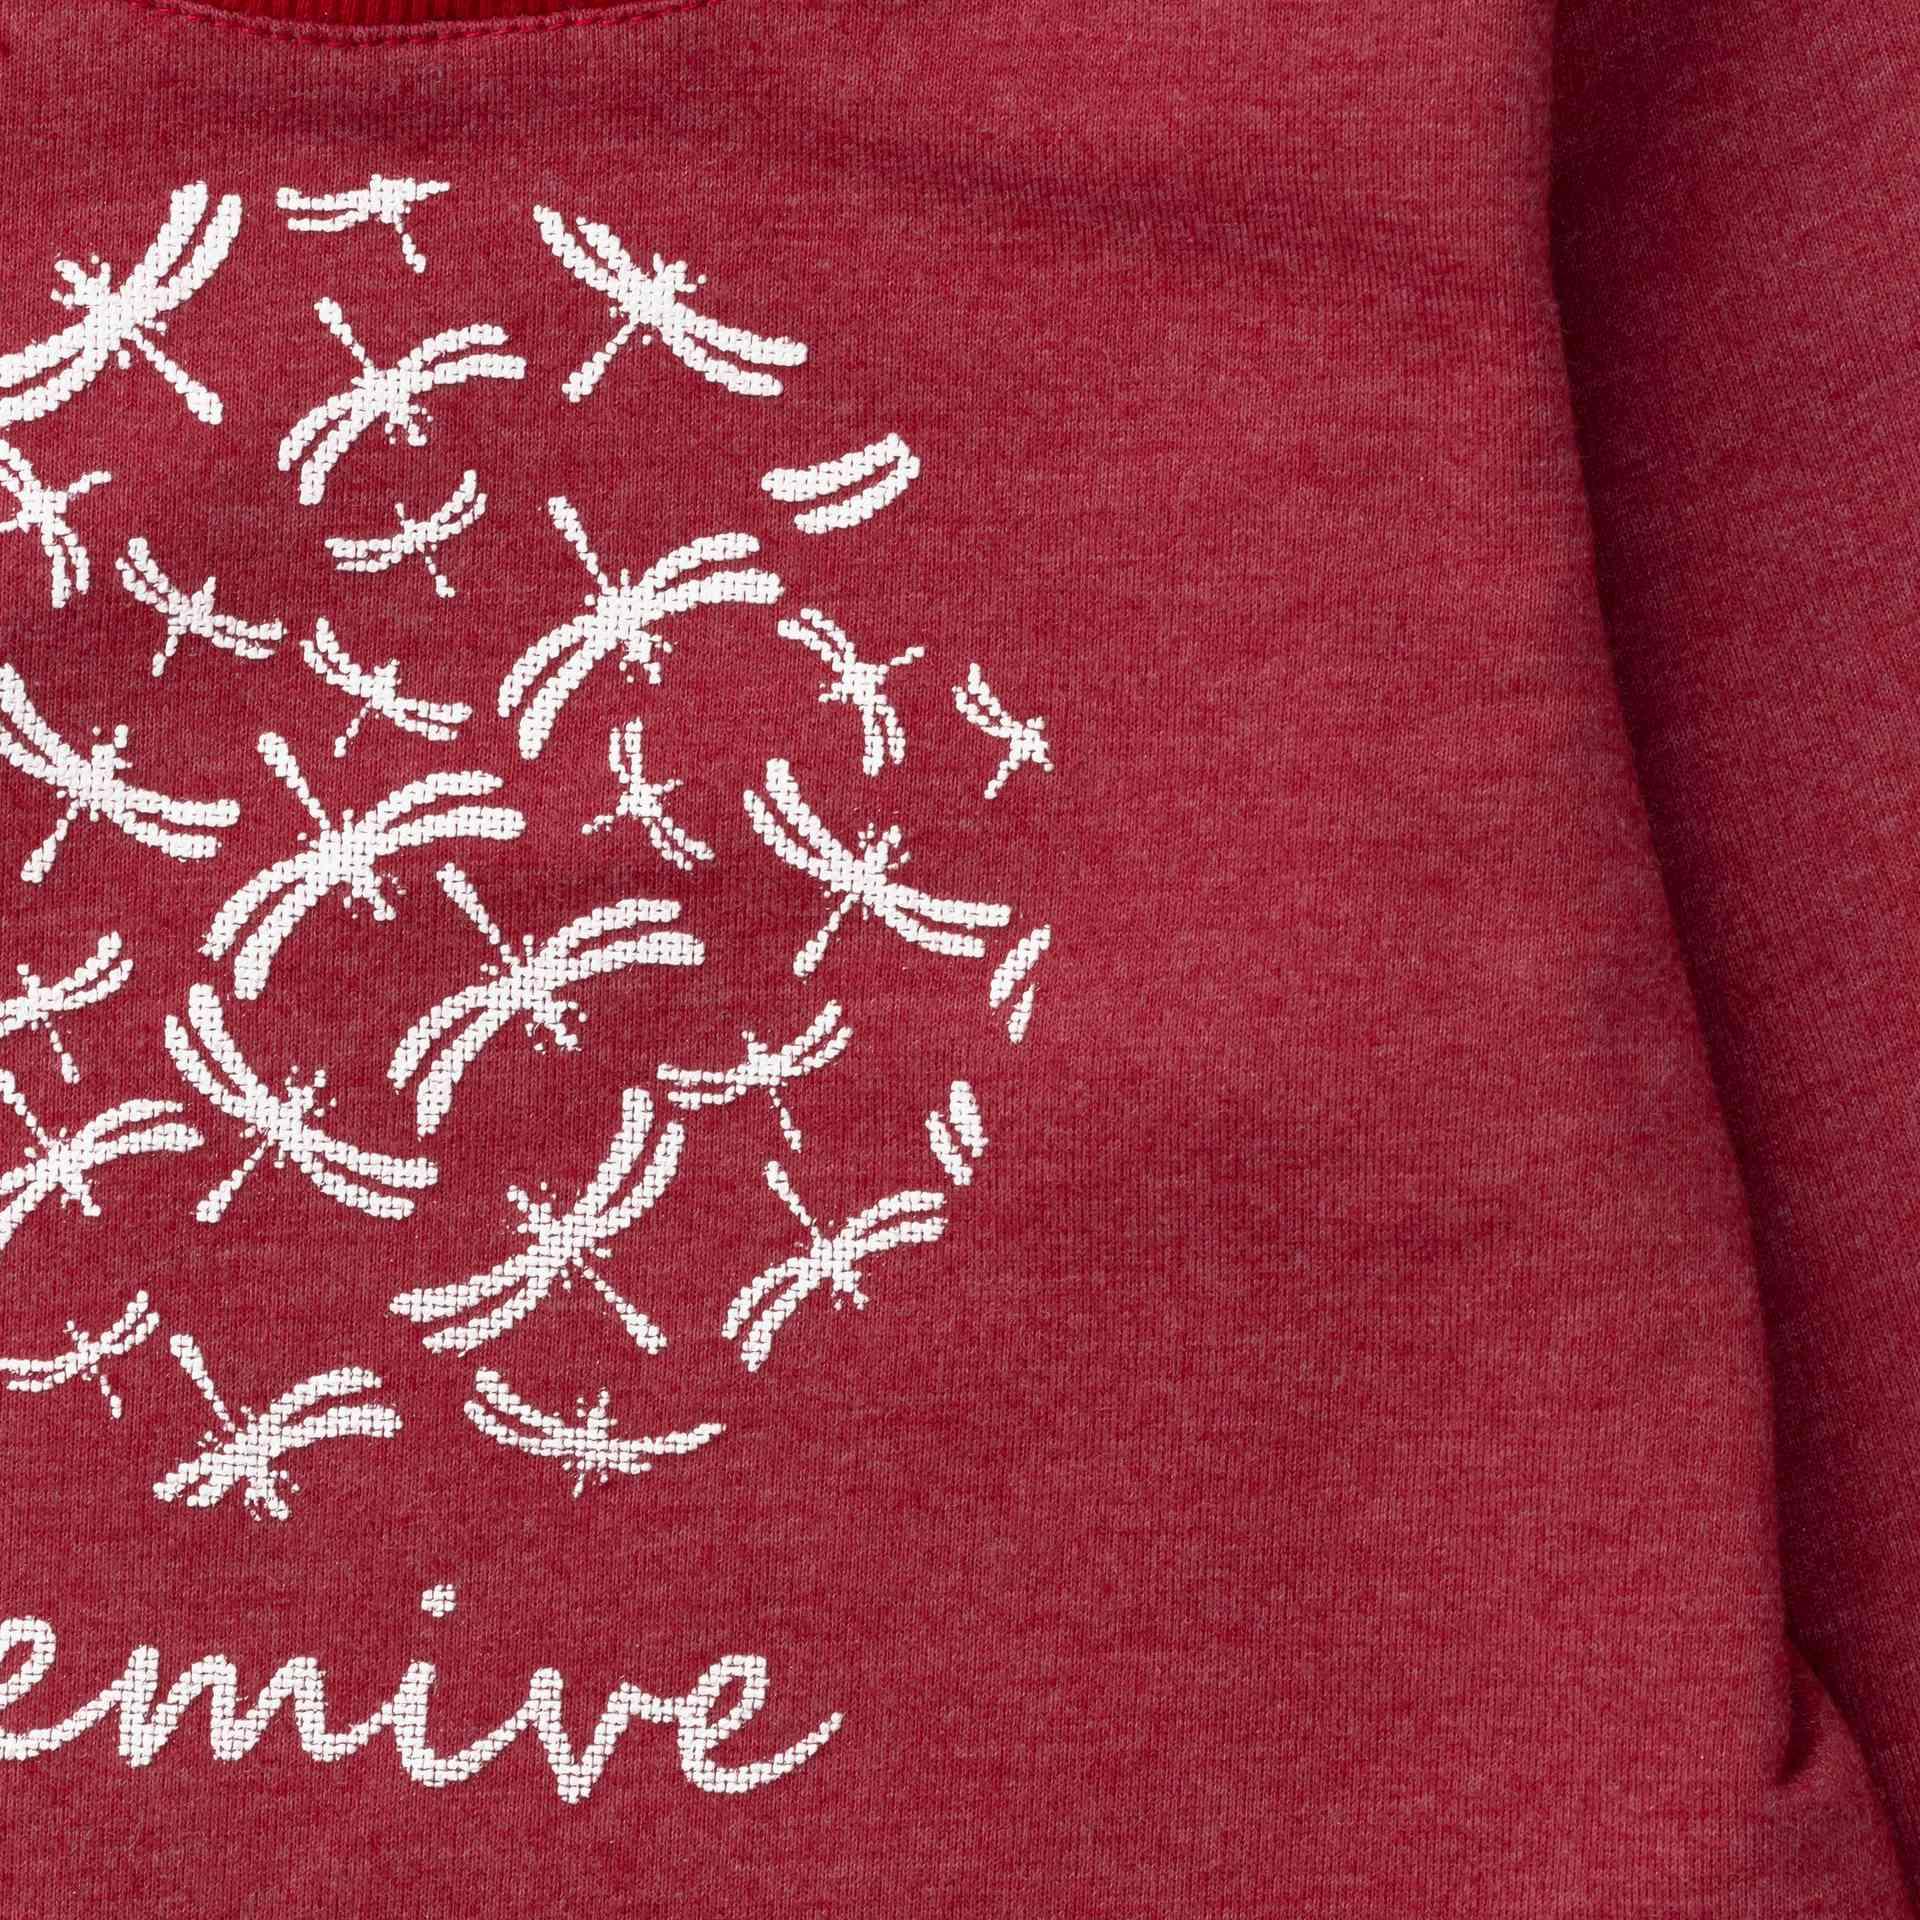 507001, Туника для девочки с рисунком от магазина Lemive